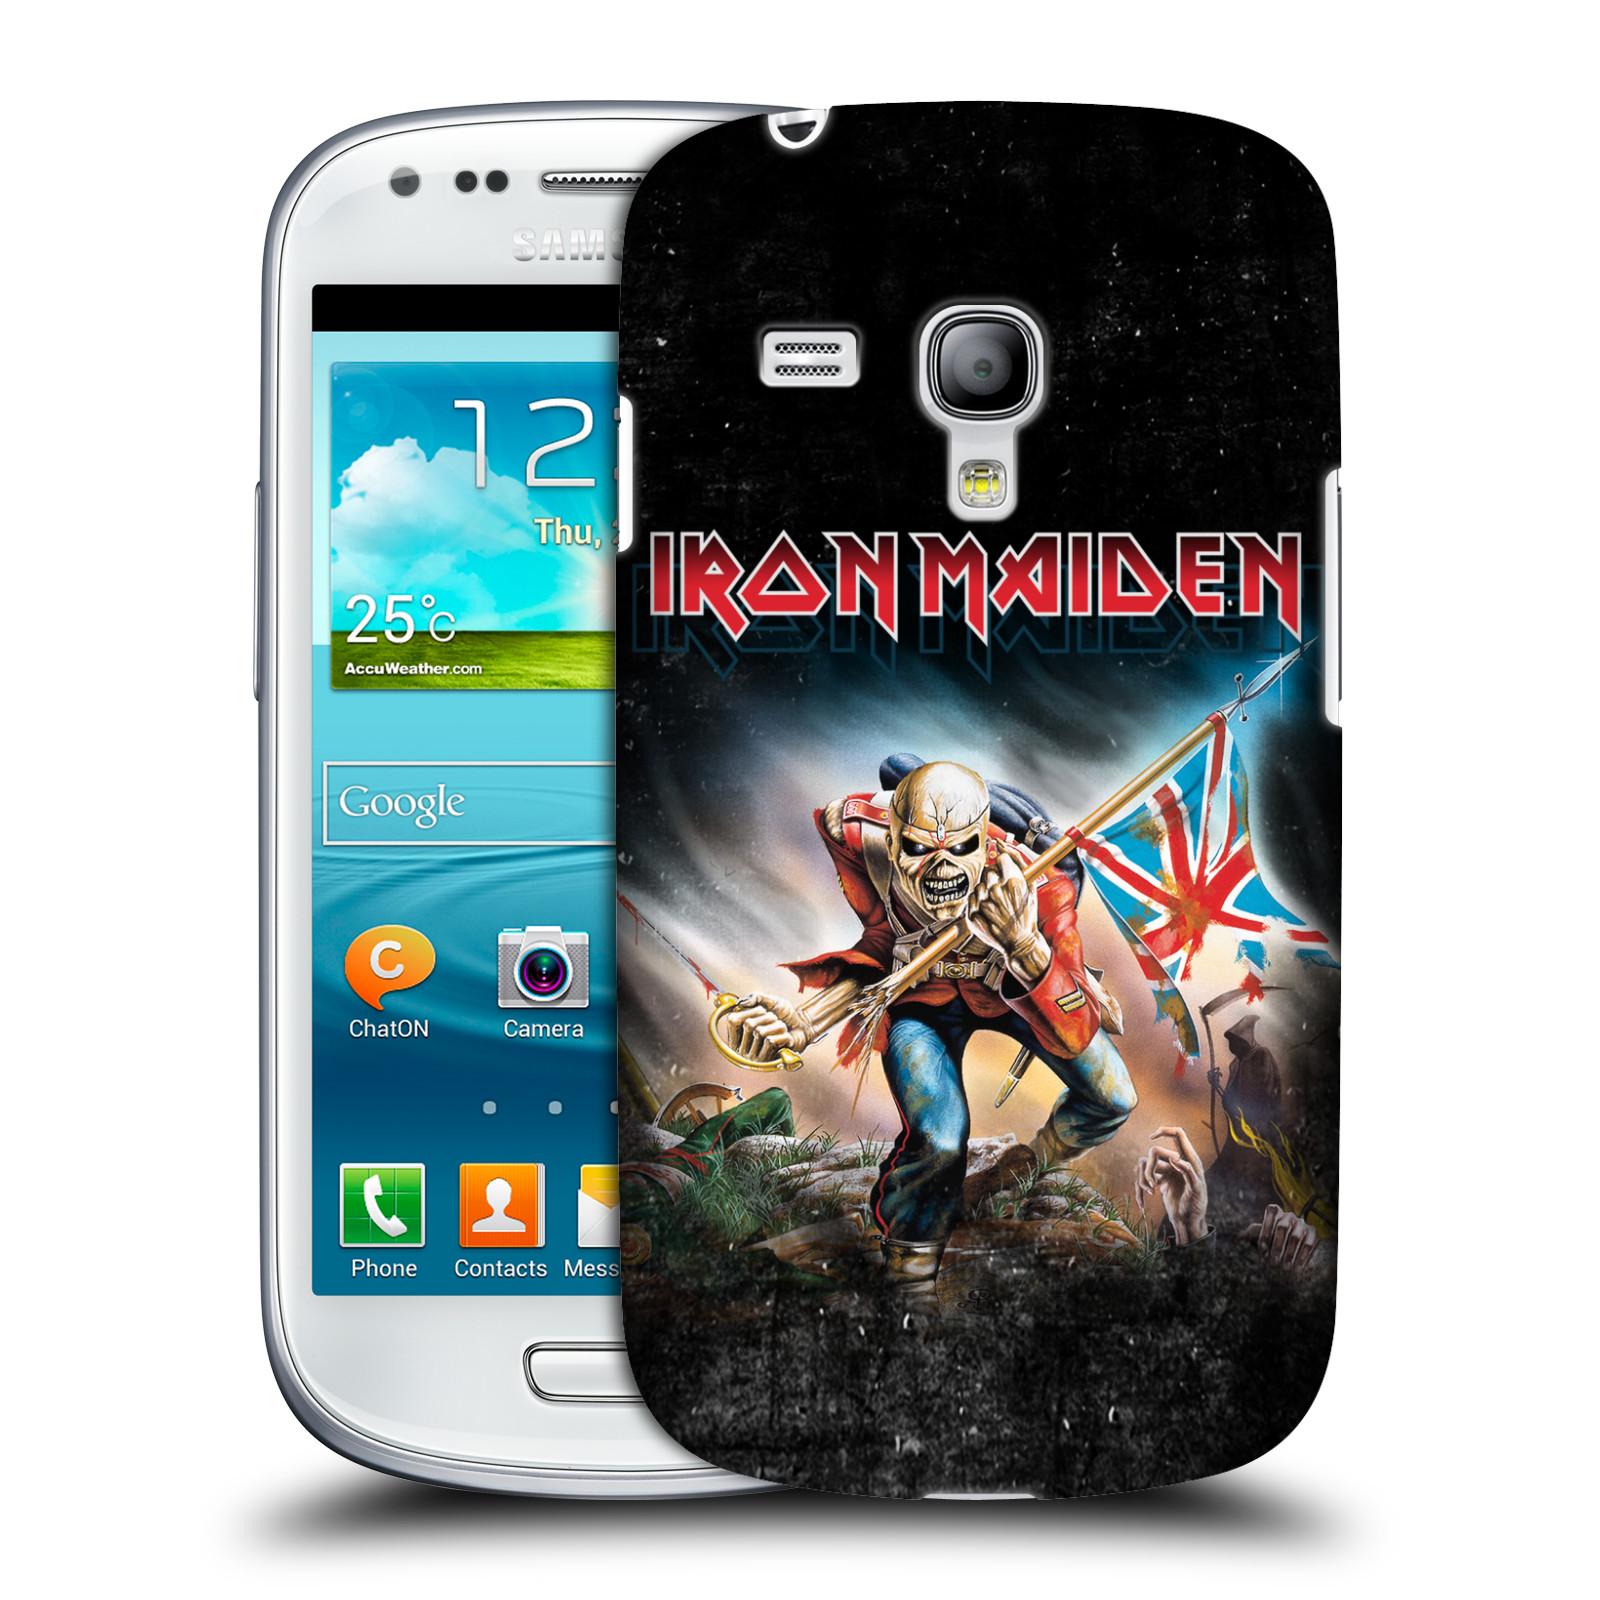 Silikonové pouzdro na mobil Samsung Galaxy S III Mini VE HEAD CASE - Iron Maiden - Trooper 2016 (Plastový kryt či obal na mobilní telefon s licencovaným motivem Iron Maiden Samsung Galaxy S3 Mini VE GT-i8200)